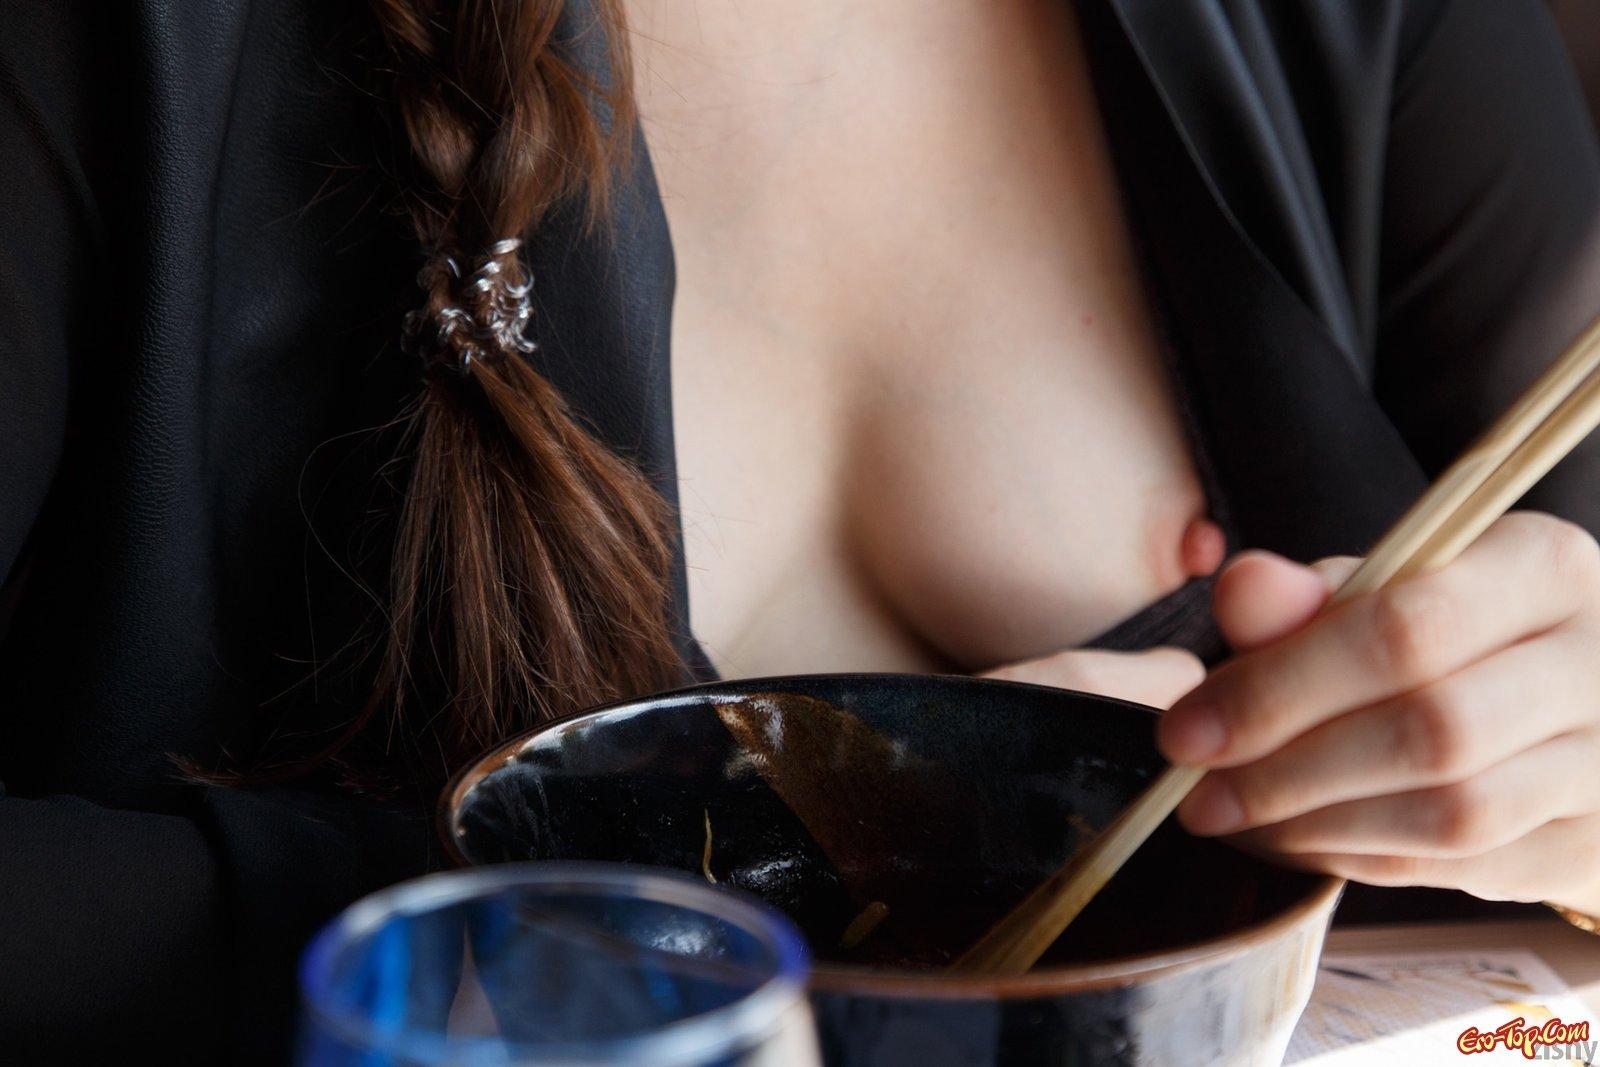 Темненькая девушка выставляет напоказ грудь на прогулке в общественных местах